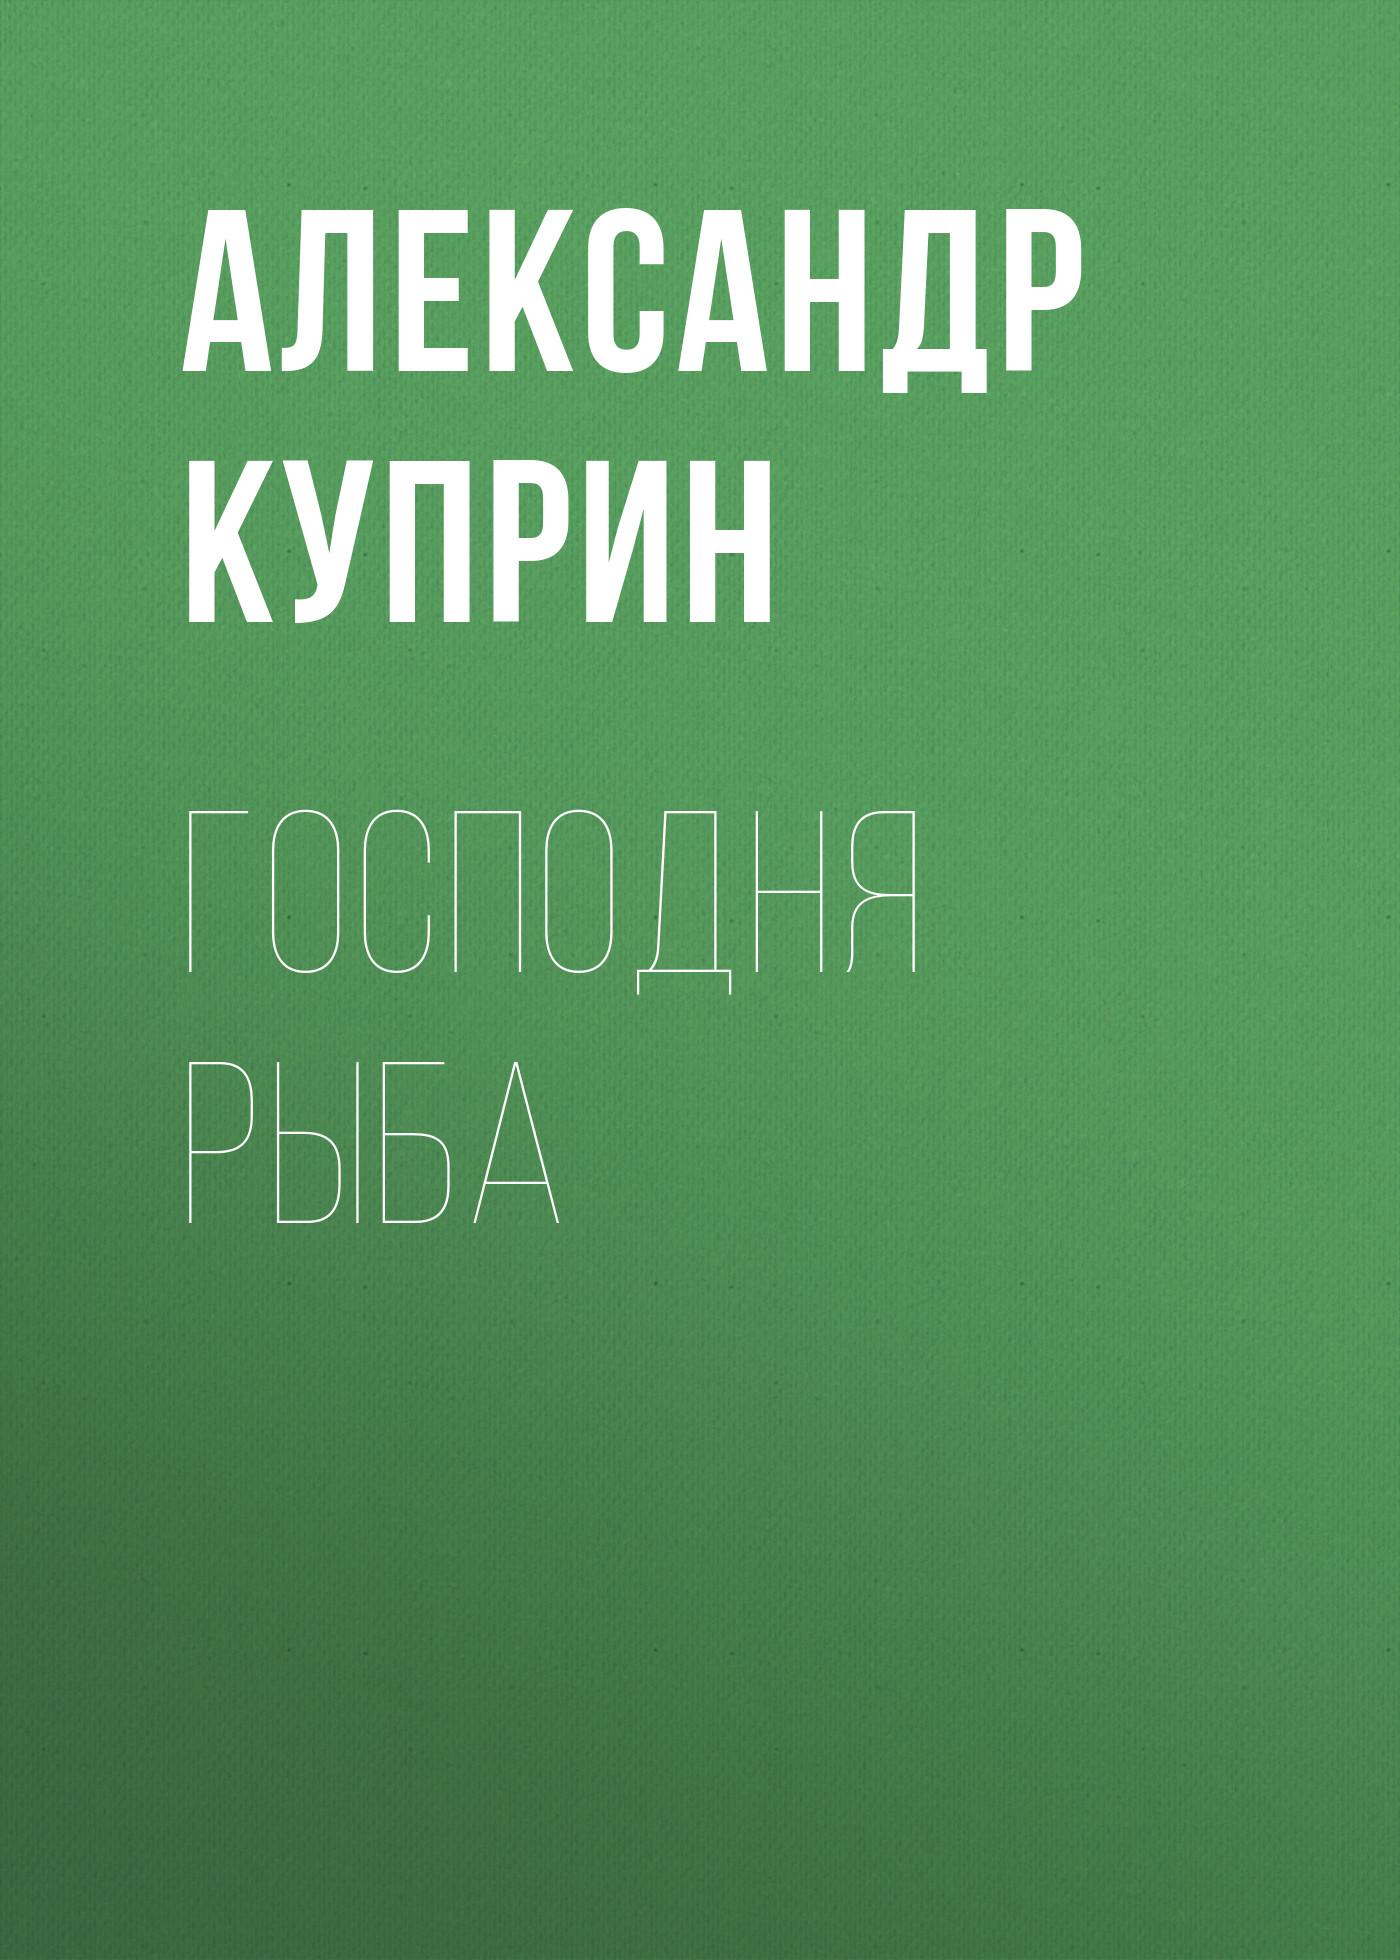 цена на Александр Куприн Господня рыба